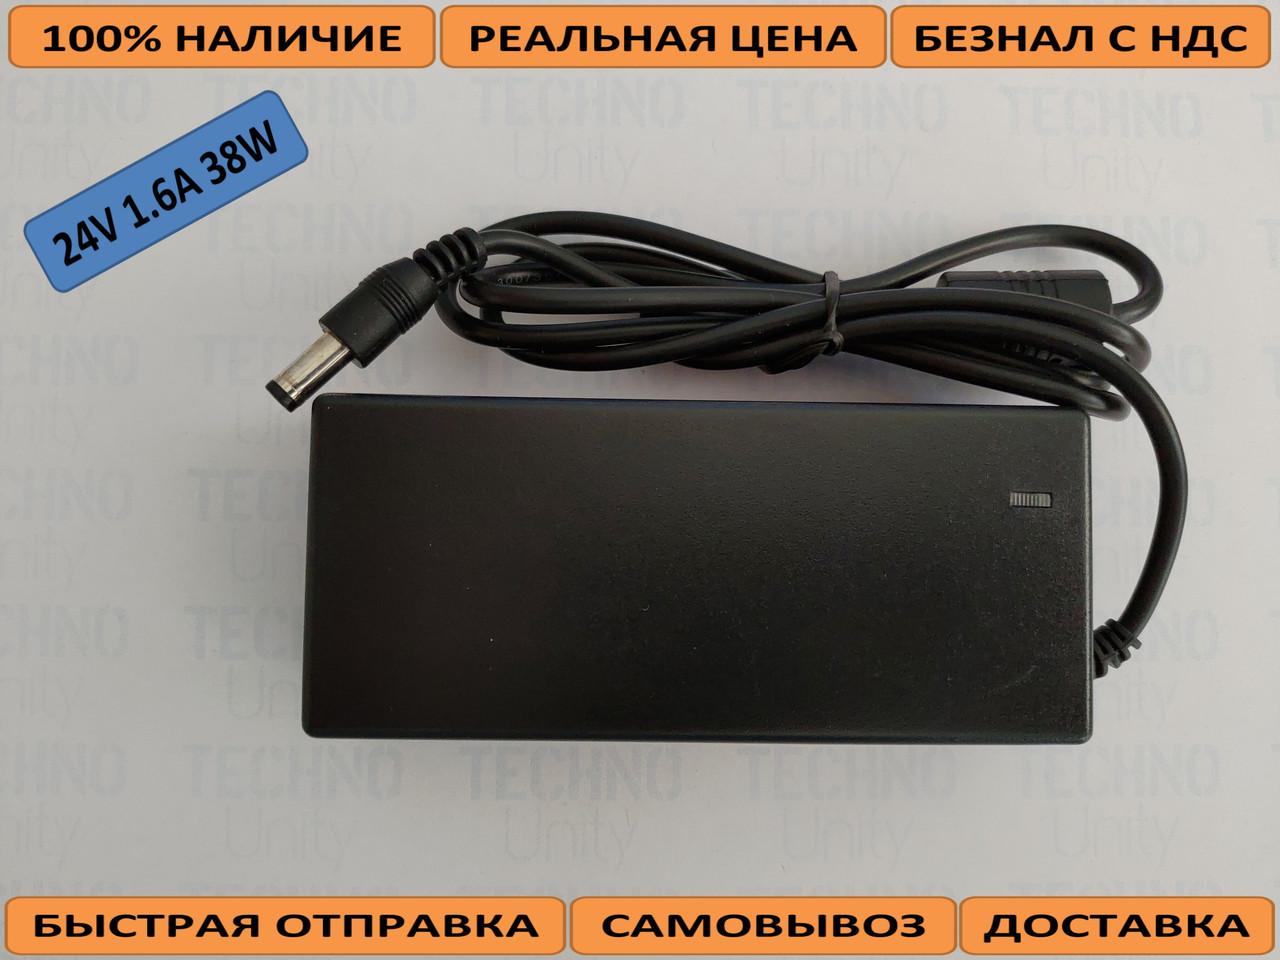 Блок питания 24В 1.6А 38Вт  для Mikrotik RB4011 RB962 HAP AC и др.